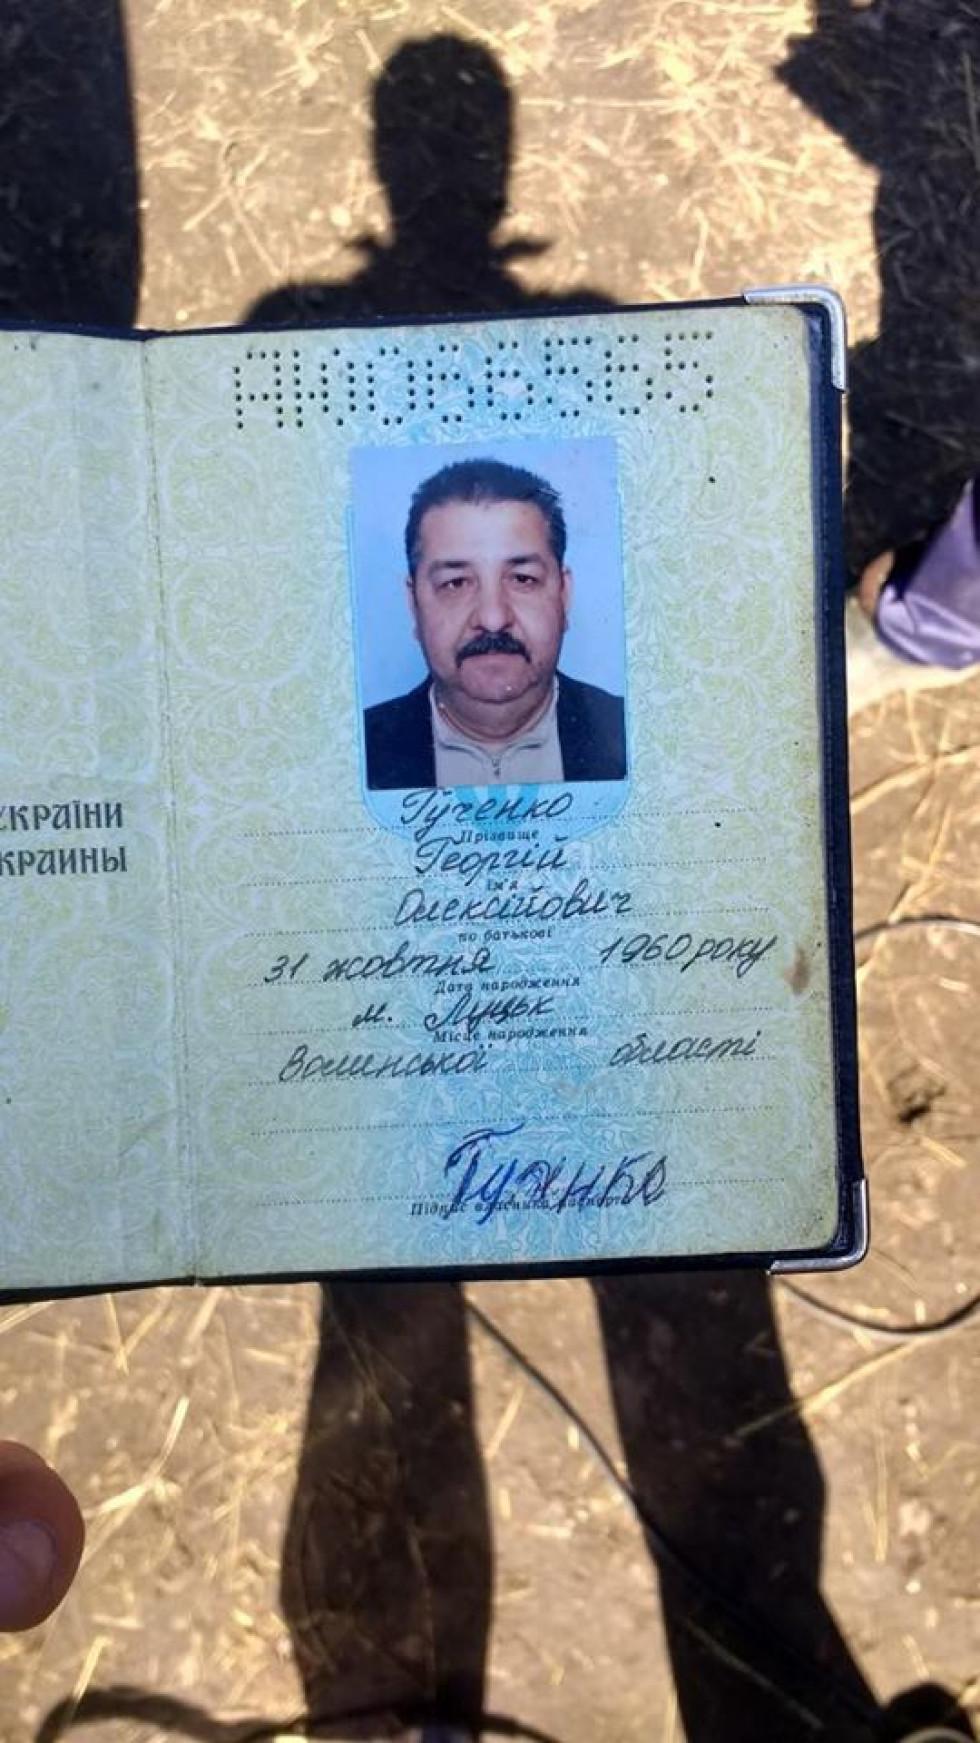 Паспортні дані Гученка Георгія Олексійовича